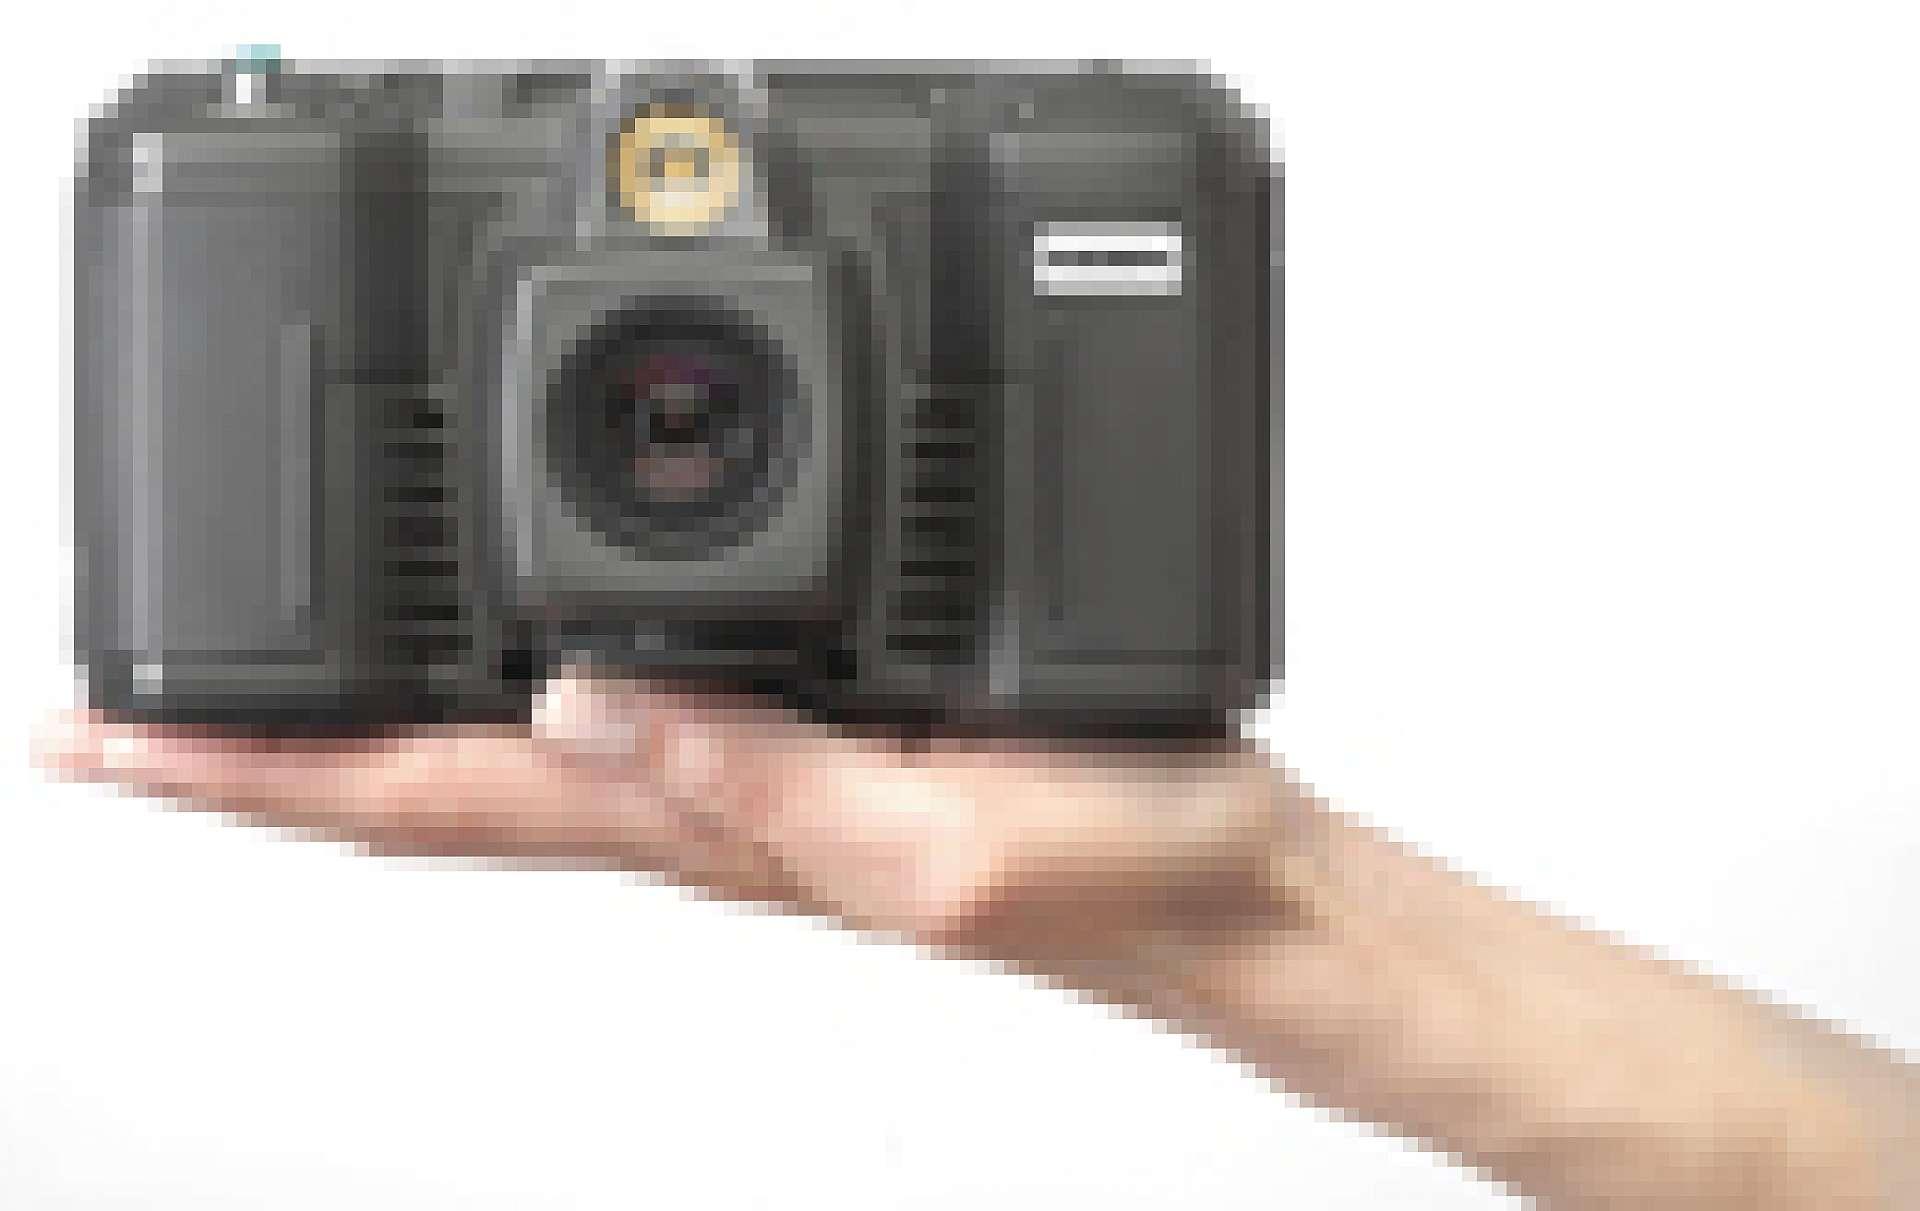 trådlös webbkamera